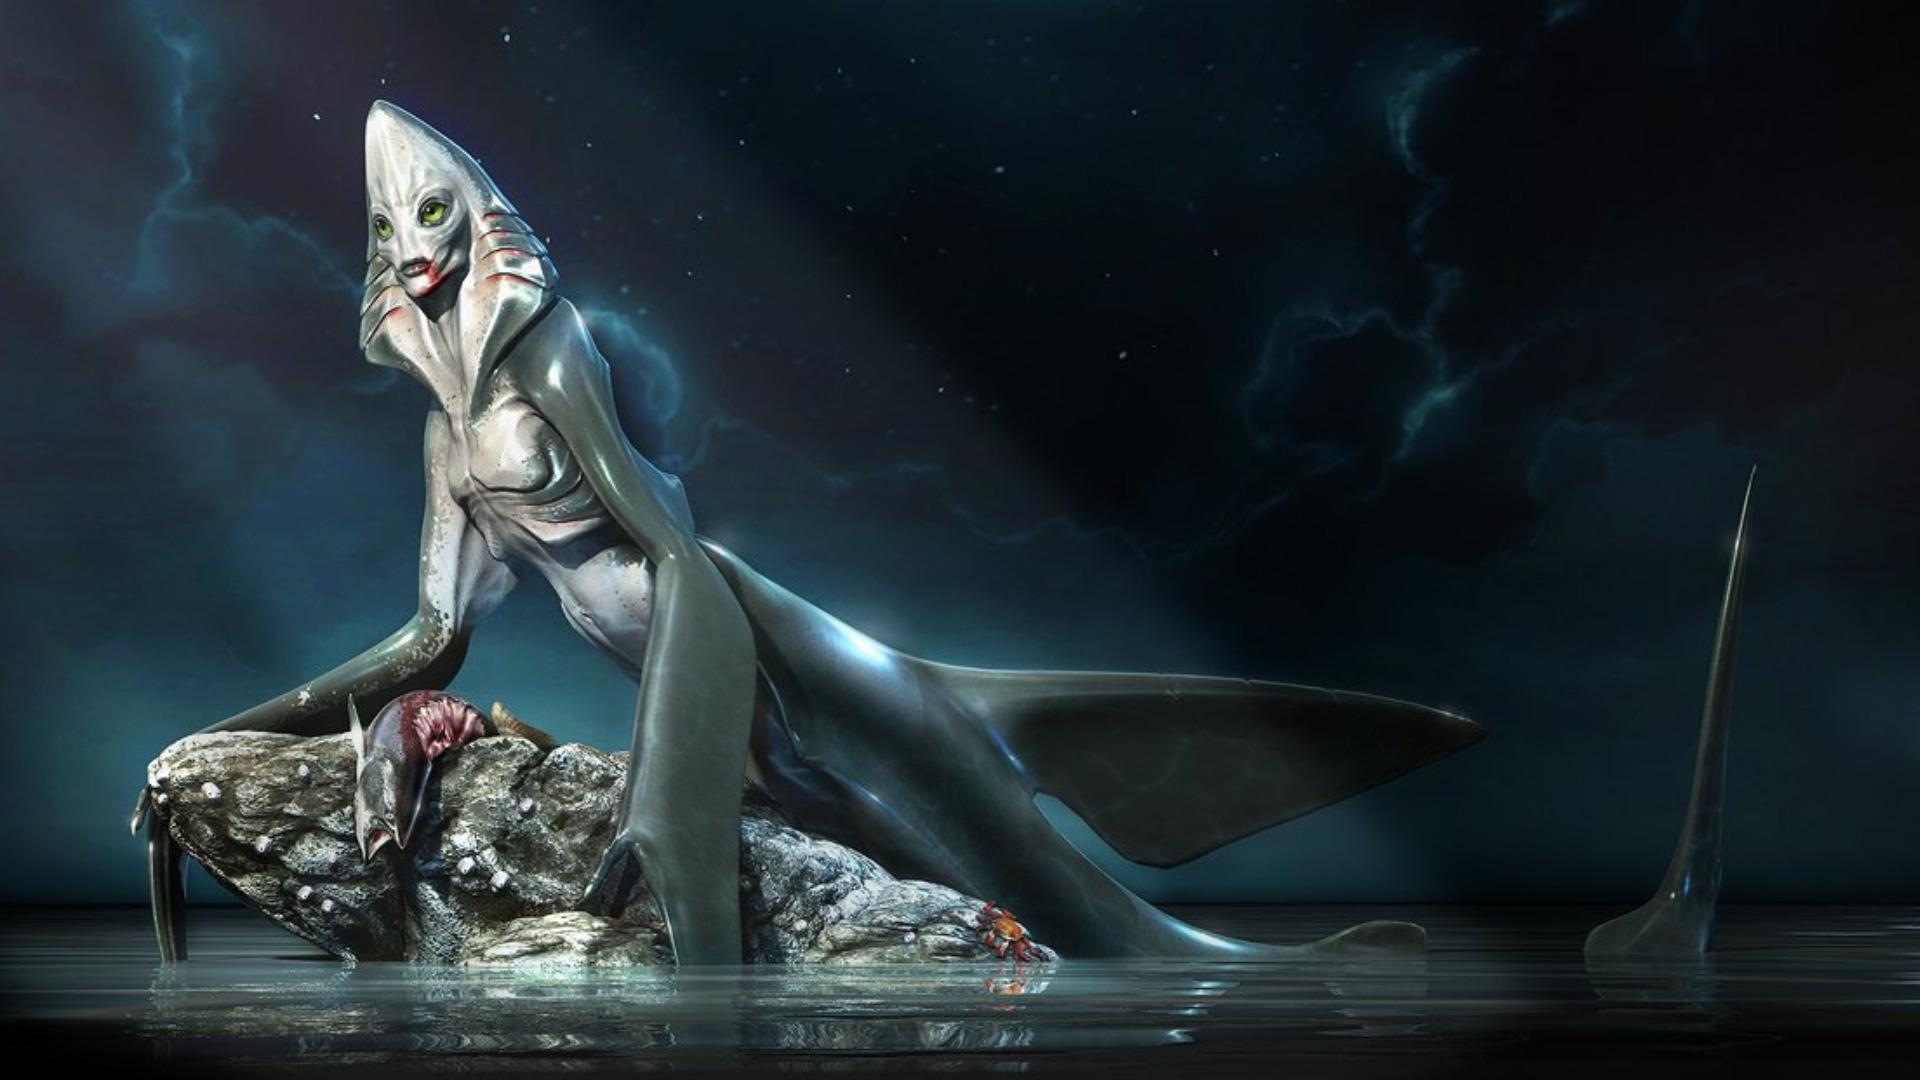 Monster Energy Girls Wallpaper Hd Sea Monster Full Hd Wallpaper And Background Image